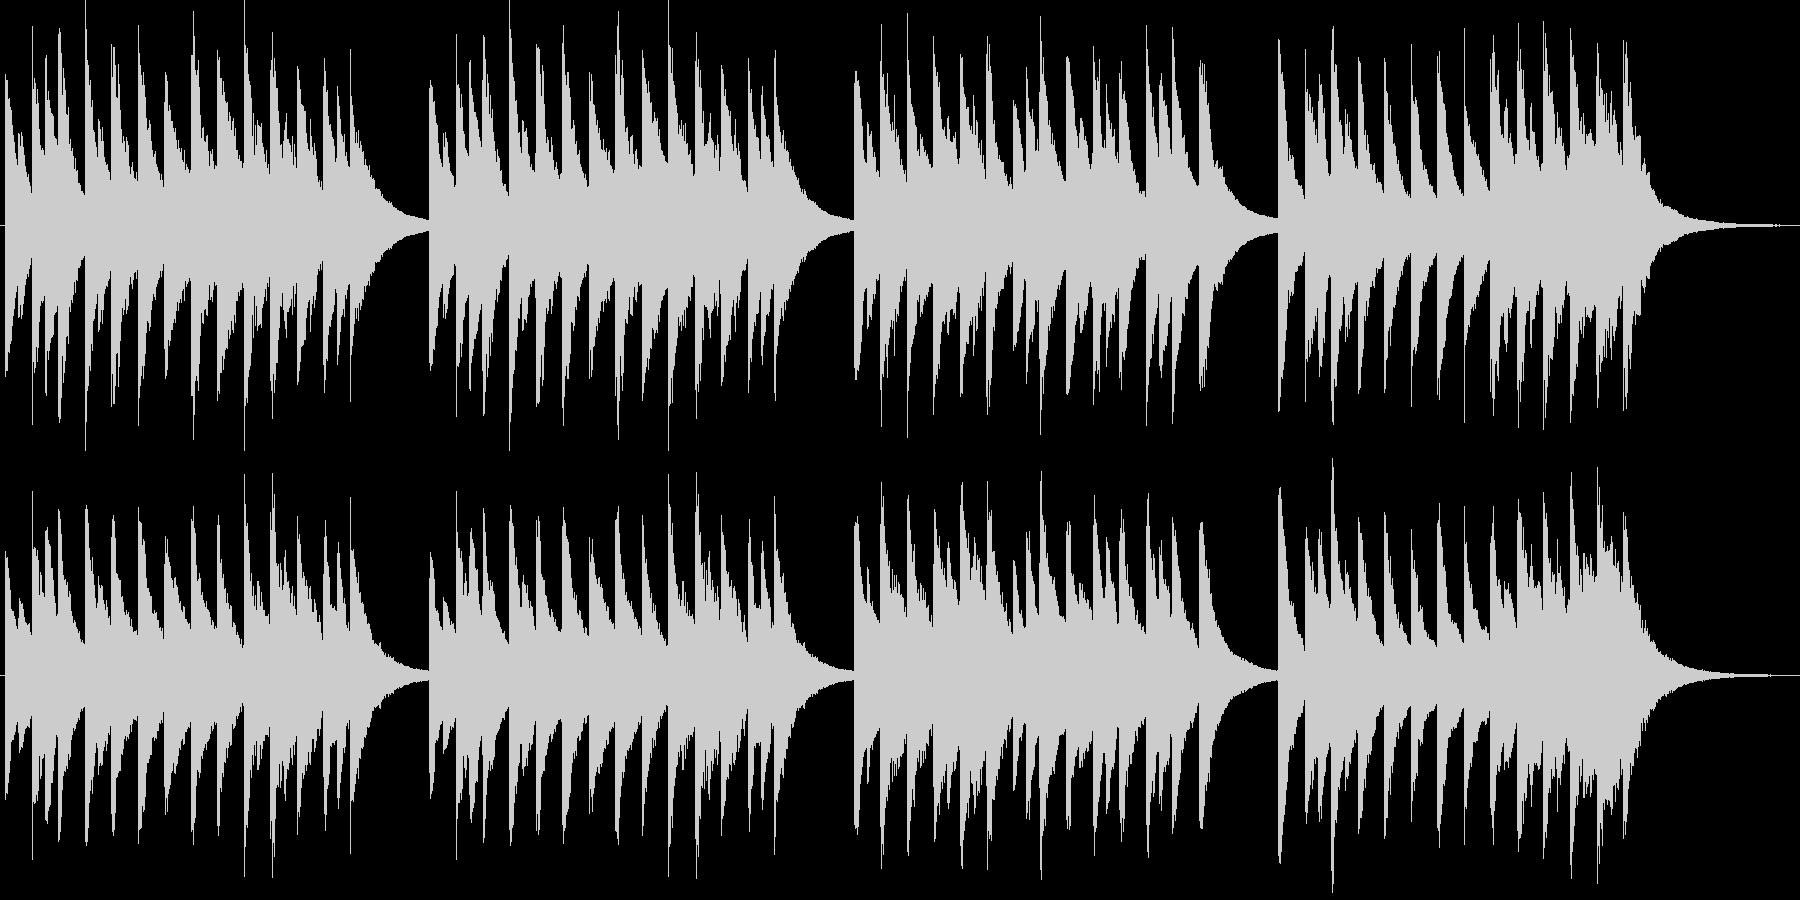 マタイ受難曲第二部コラールのオルゴールの未再生の波形